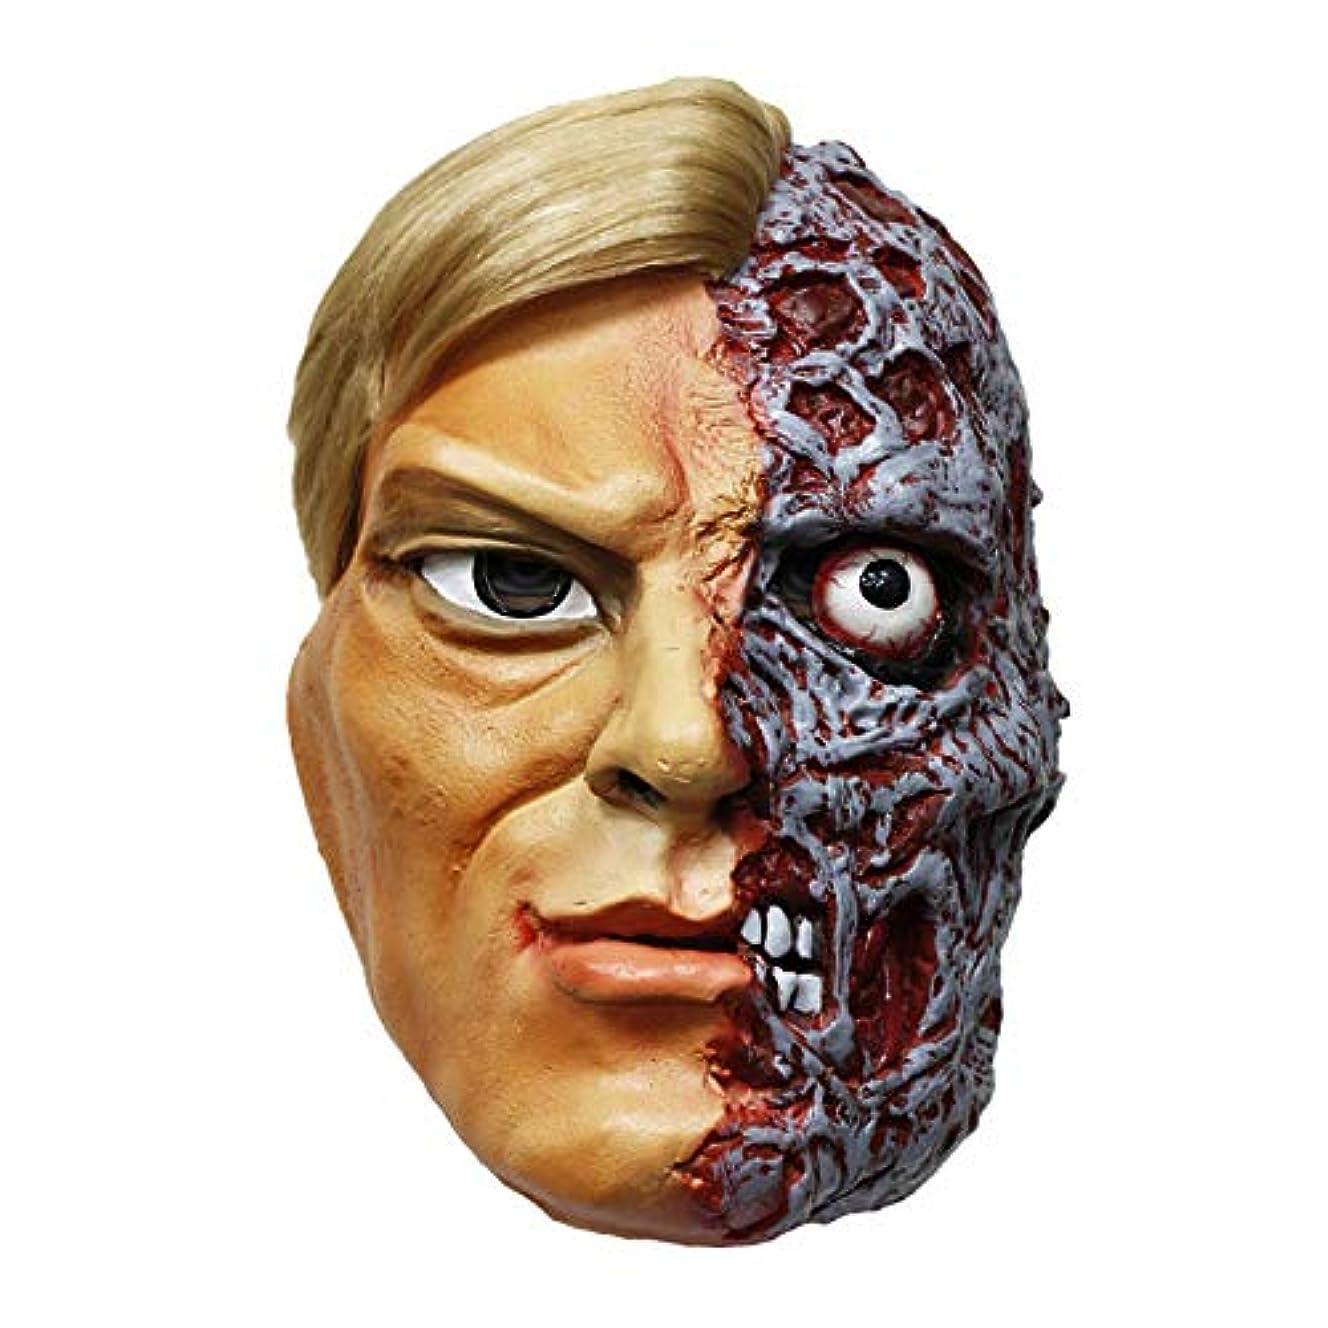 人工的な研磨剤つかまえるハロウィーンラテックスはマスカレードパフォーマンスの小道具おかしい両面ドレスアップ小道具ホラーマスクを顔マスク,B